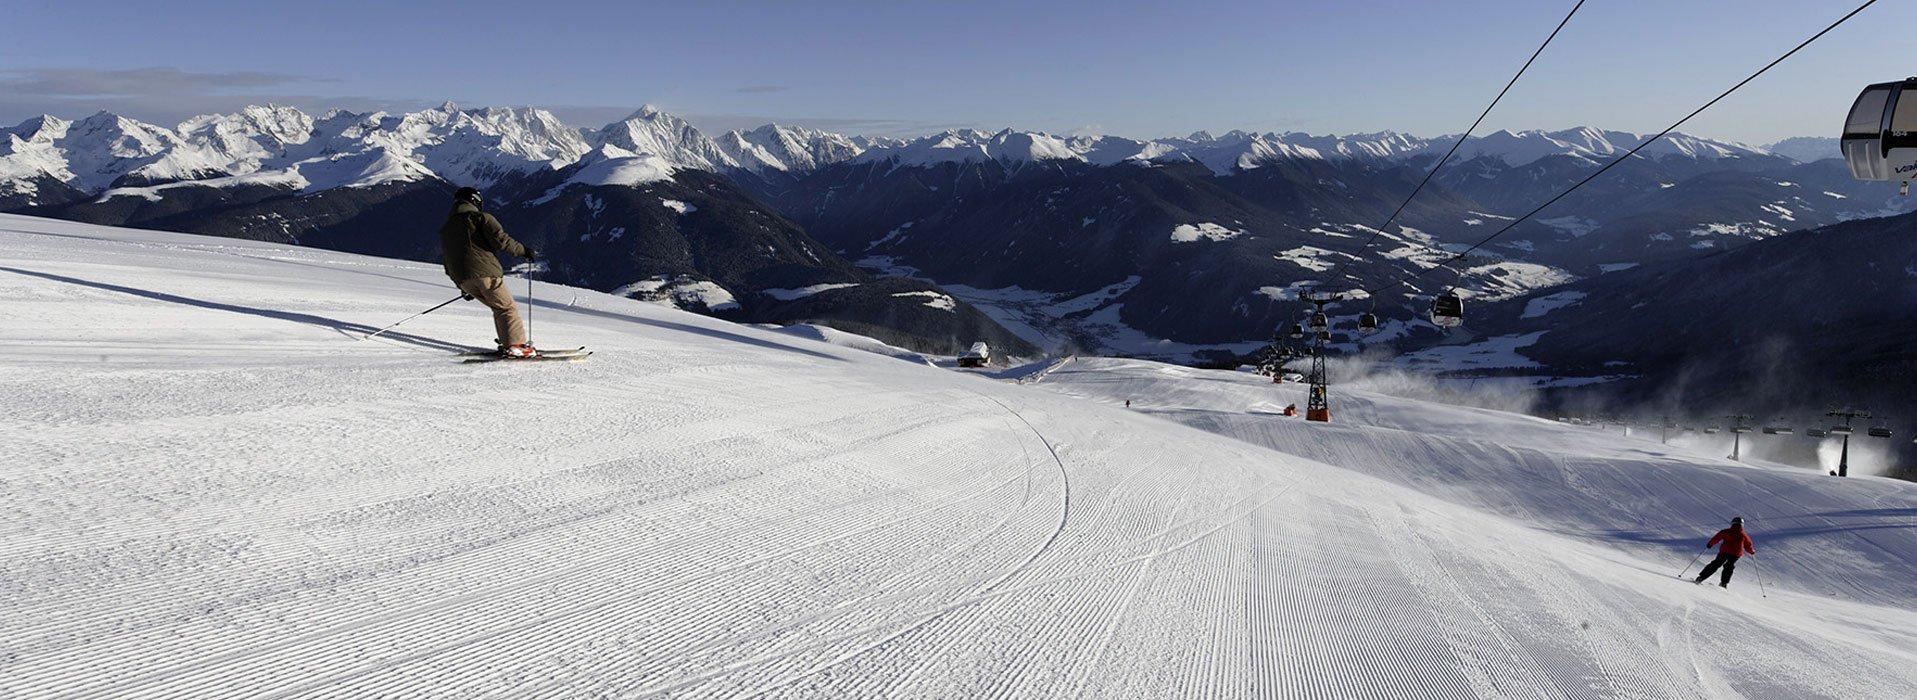 skiurlaub-kronplatz-04